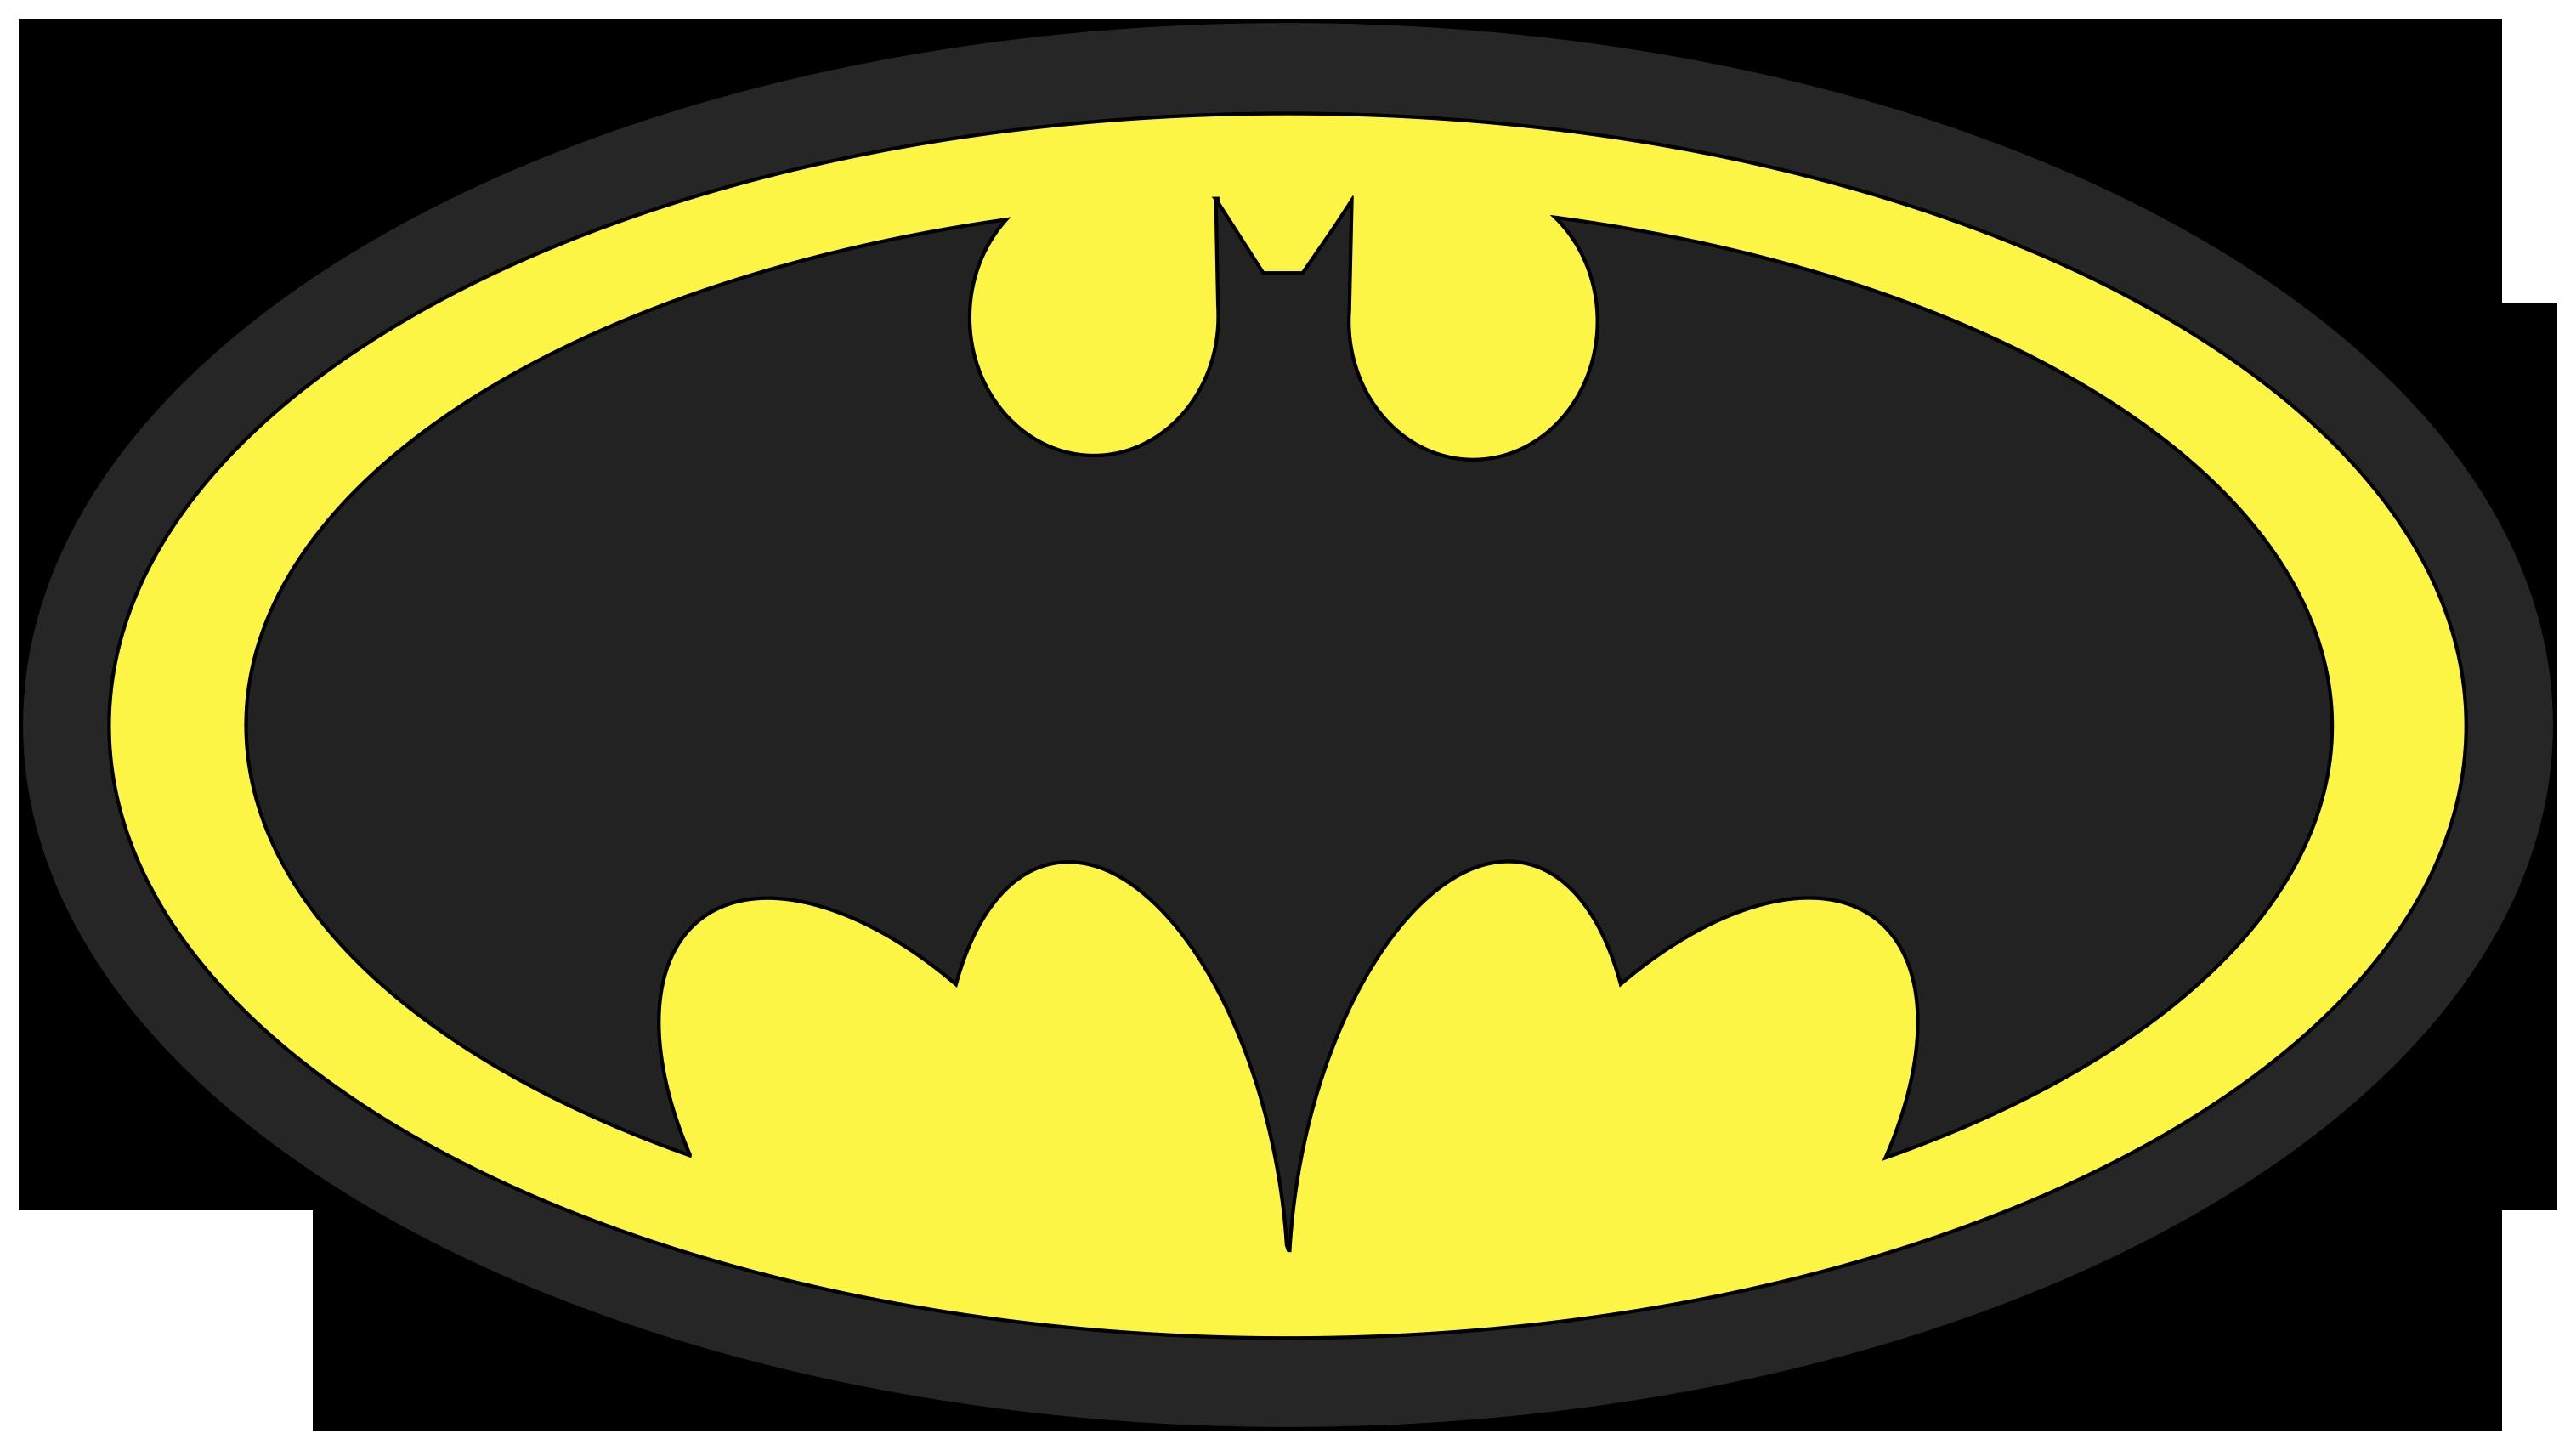 3031x1706 Superheroes Logos Printable Best Of Spiderman Clipart Spiderman